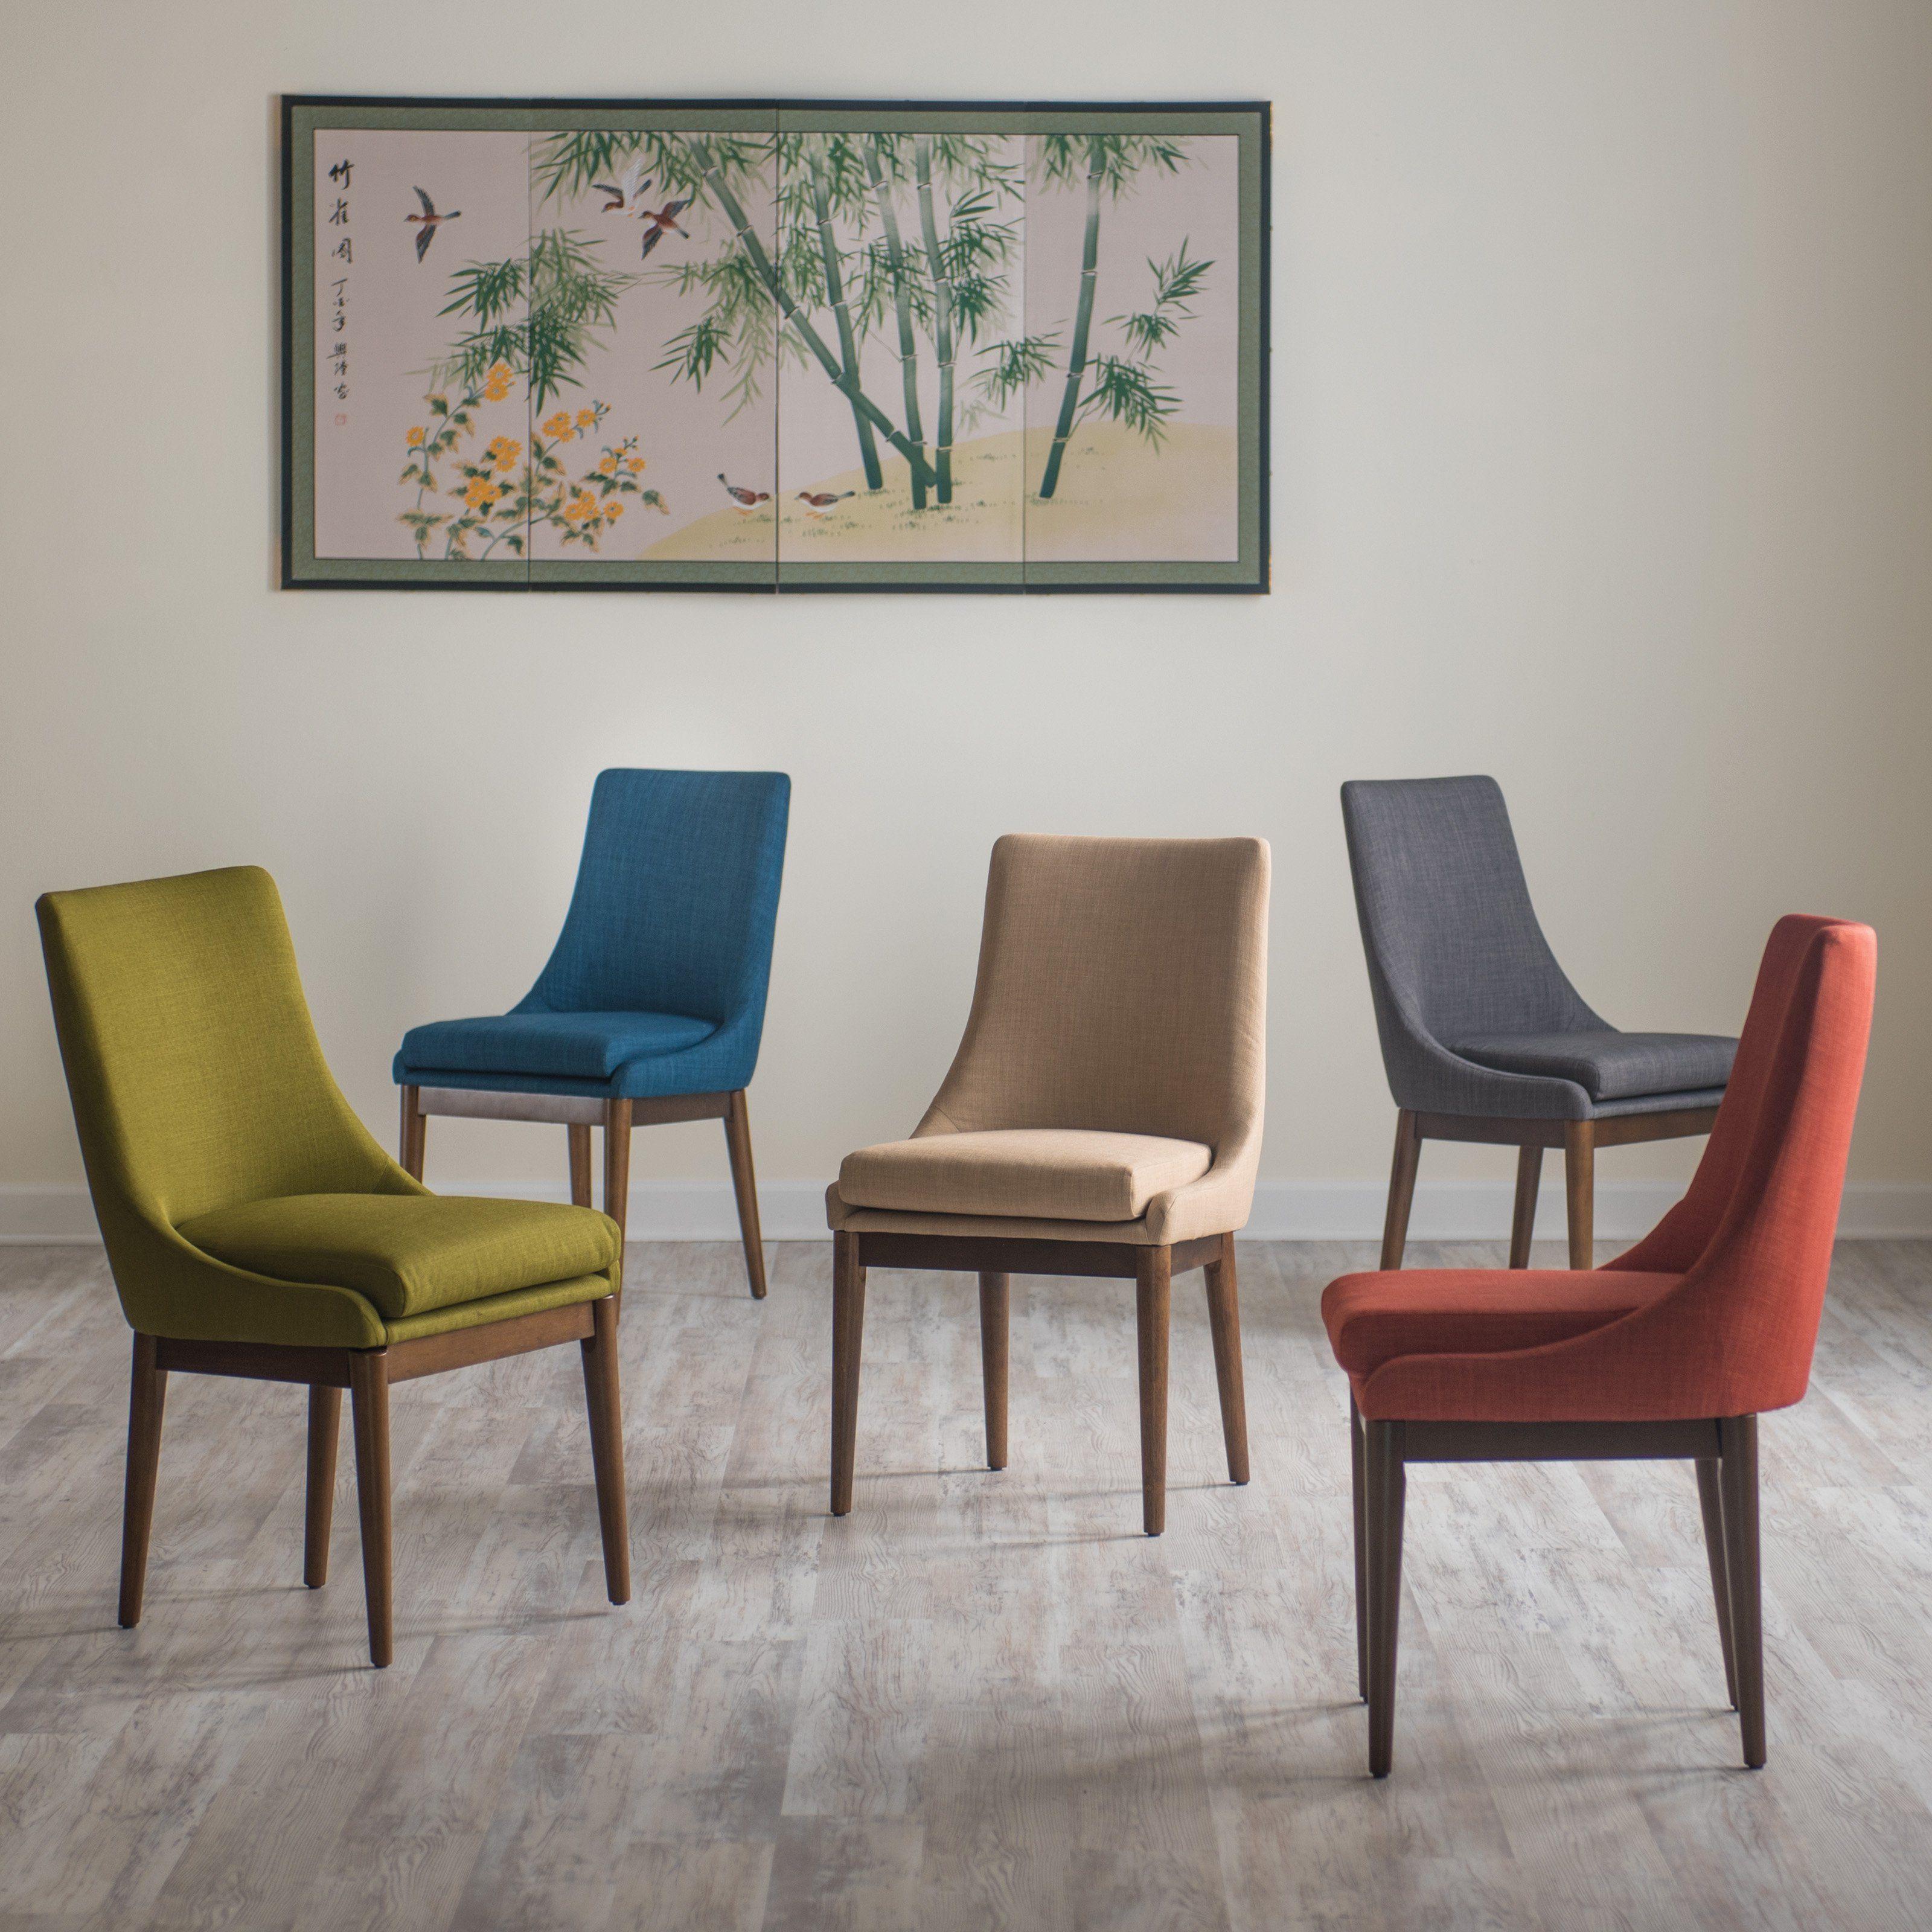 Belham Living Carter Mid Century Modern Upholstered Dining Chair